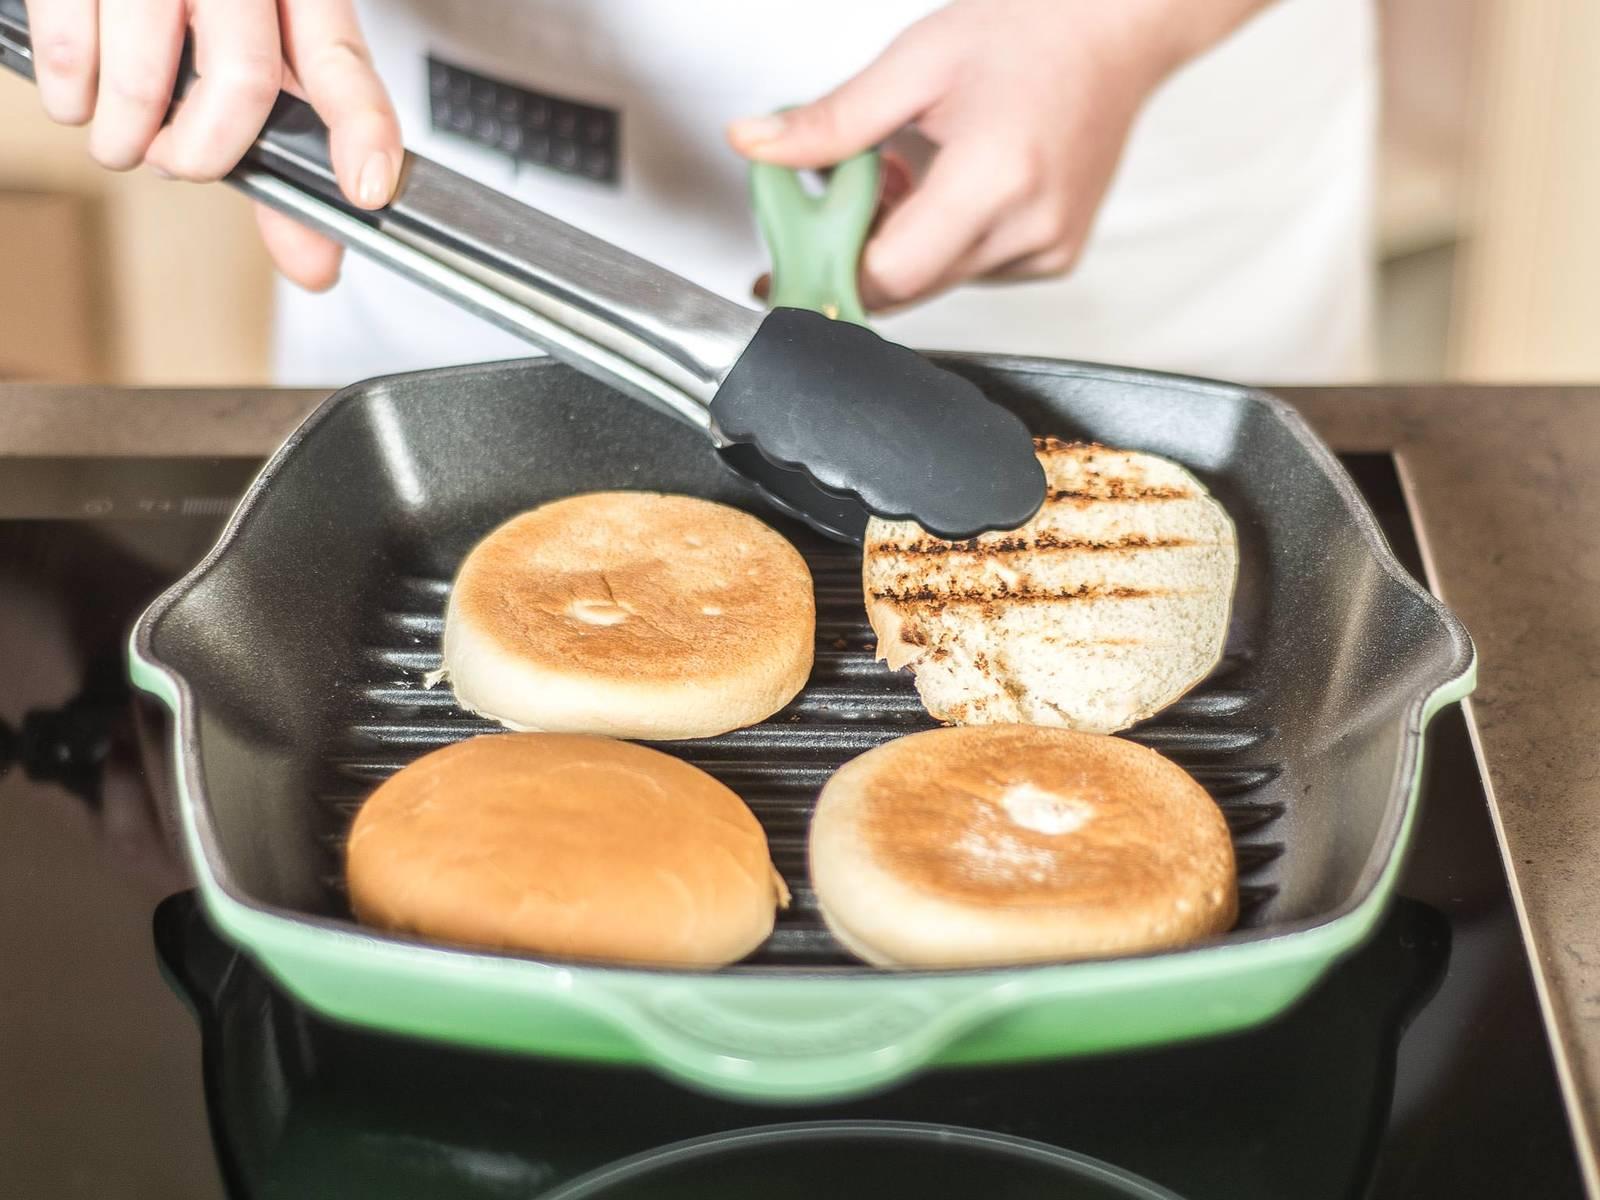 Burger-Brötchen in einer Pfanne von beiden Seiten toasten. Die untere Hälfte des Burger-Brötchens mit Salat belegen. Darauf die Gemüsemasse verteilen und abschließend die obere Burgerhälfte auflegen.